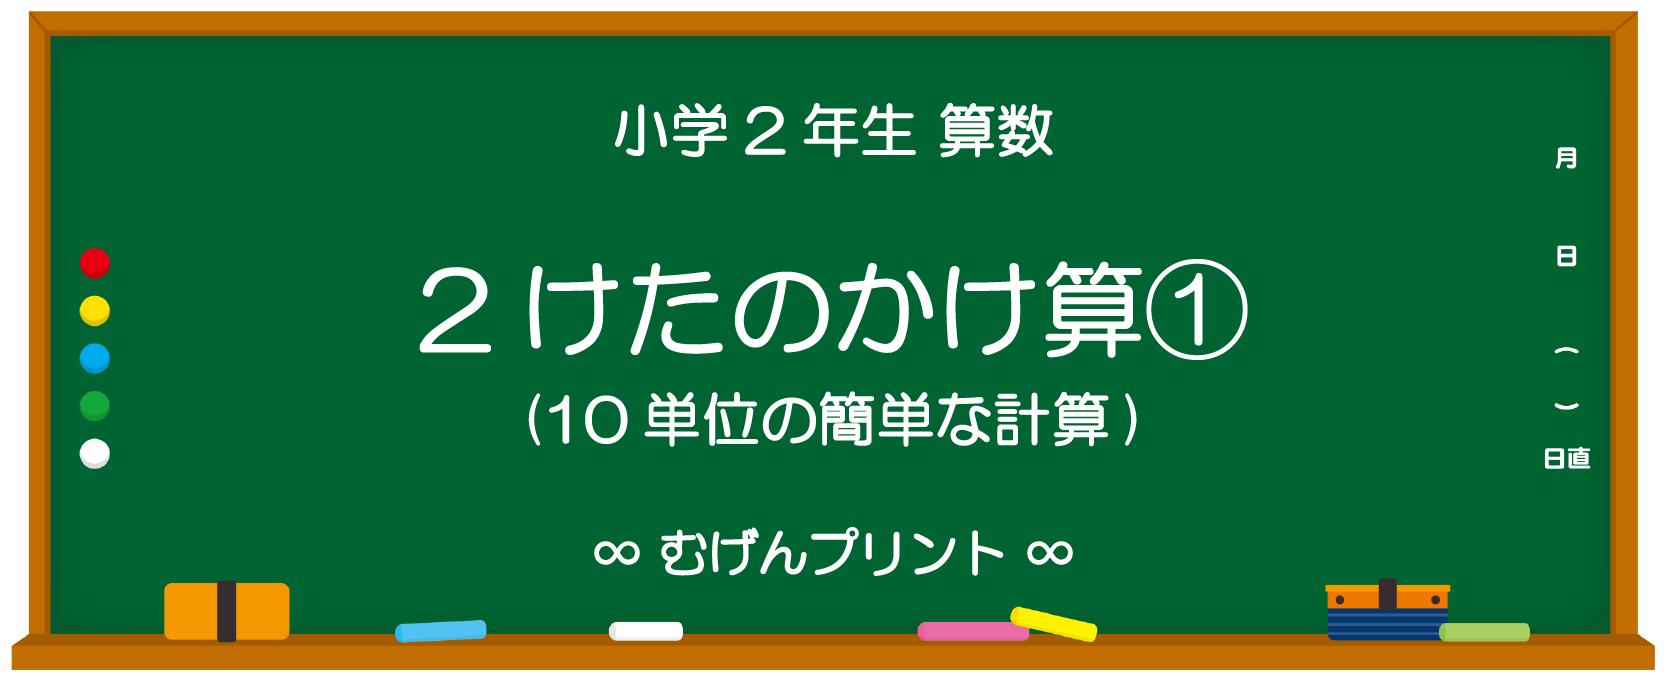 【小2 算数 無料プリント/ミニテスト/ドリル】2けたのかけ算①(10単位の簡単な計算)